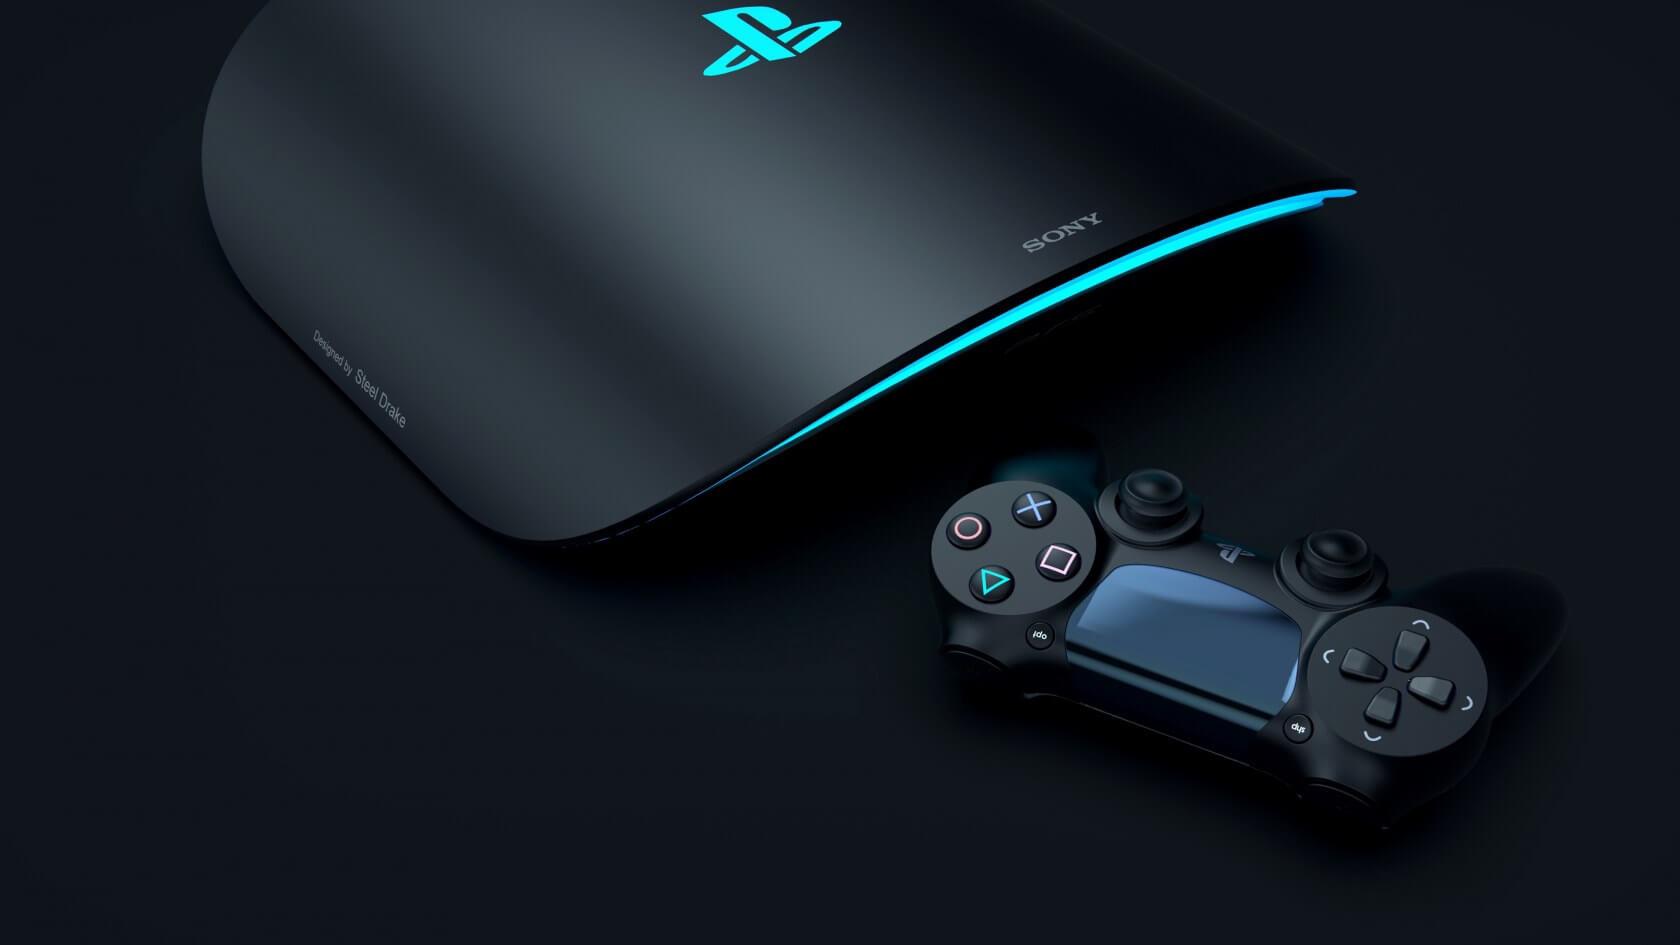 Процессором PlayStation 5 станет 8-ми ядерный Ryzen частотой 3,2 ГГц